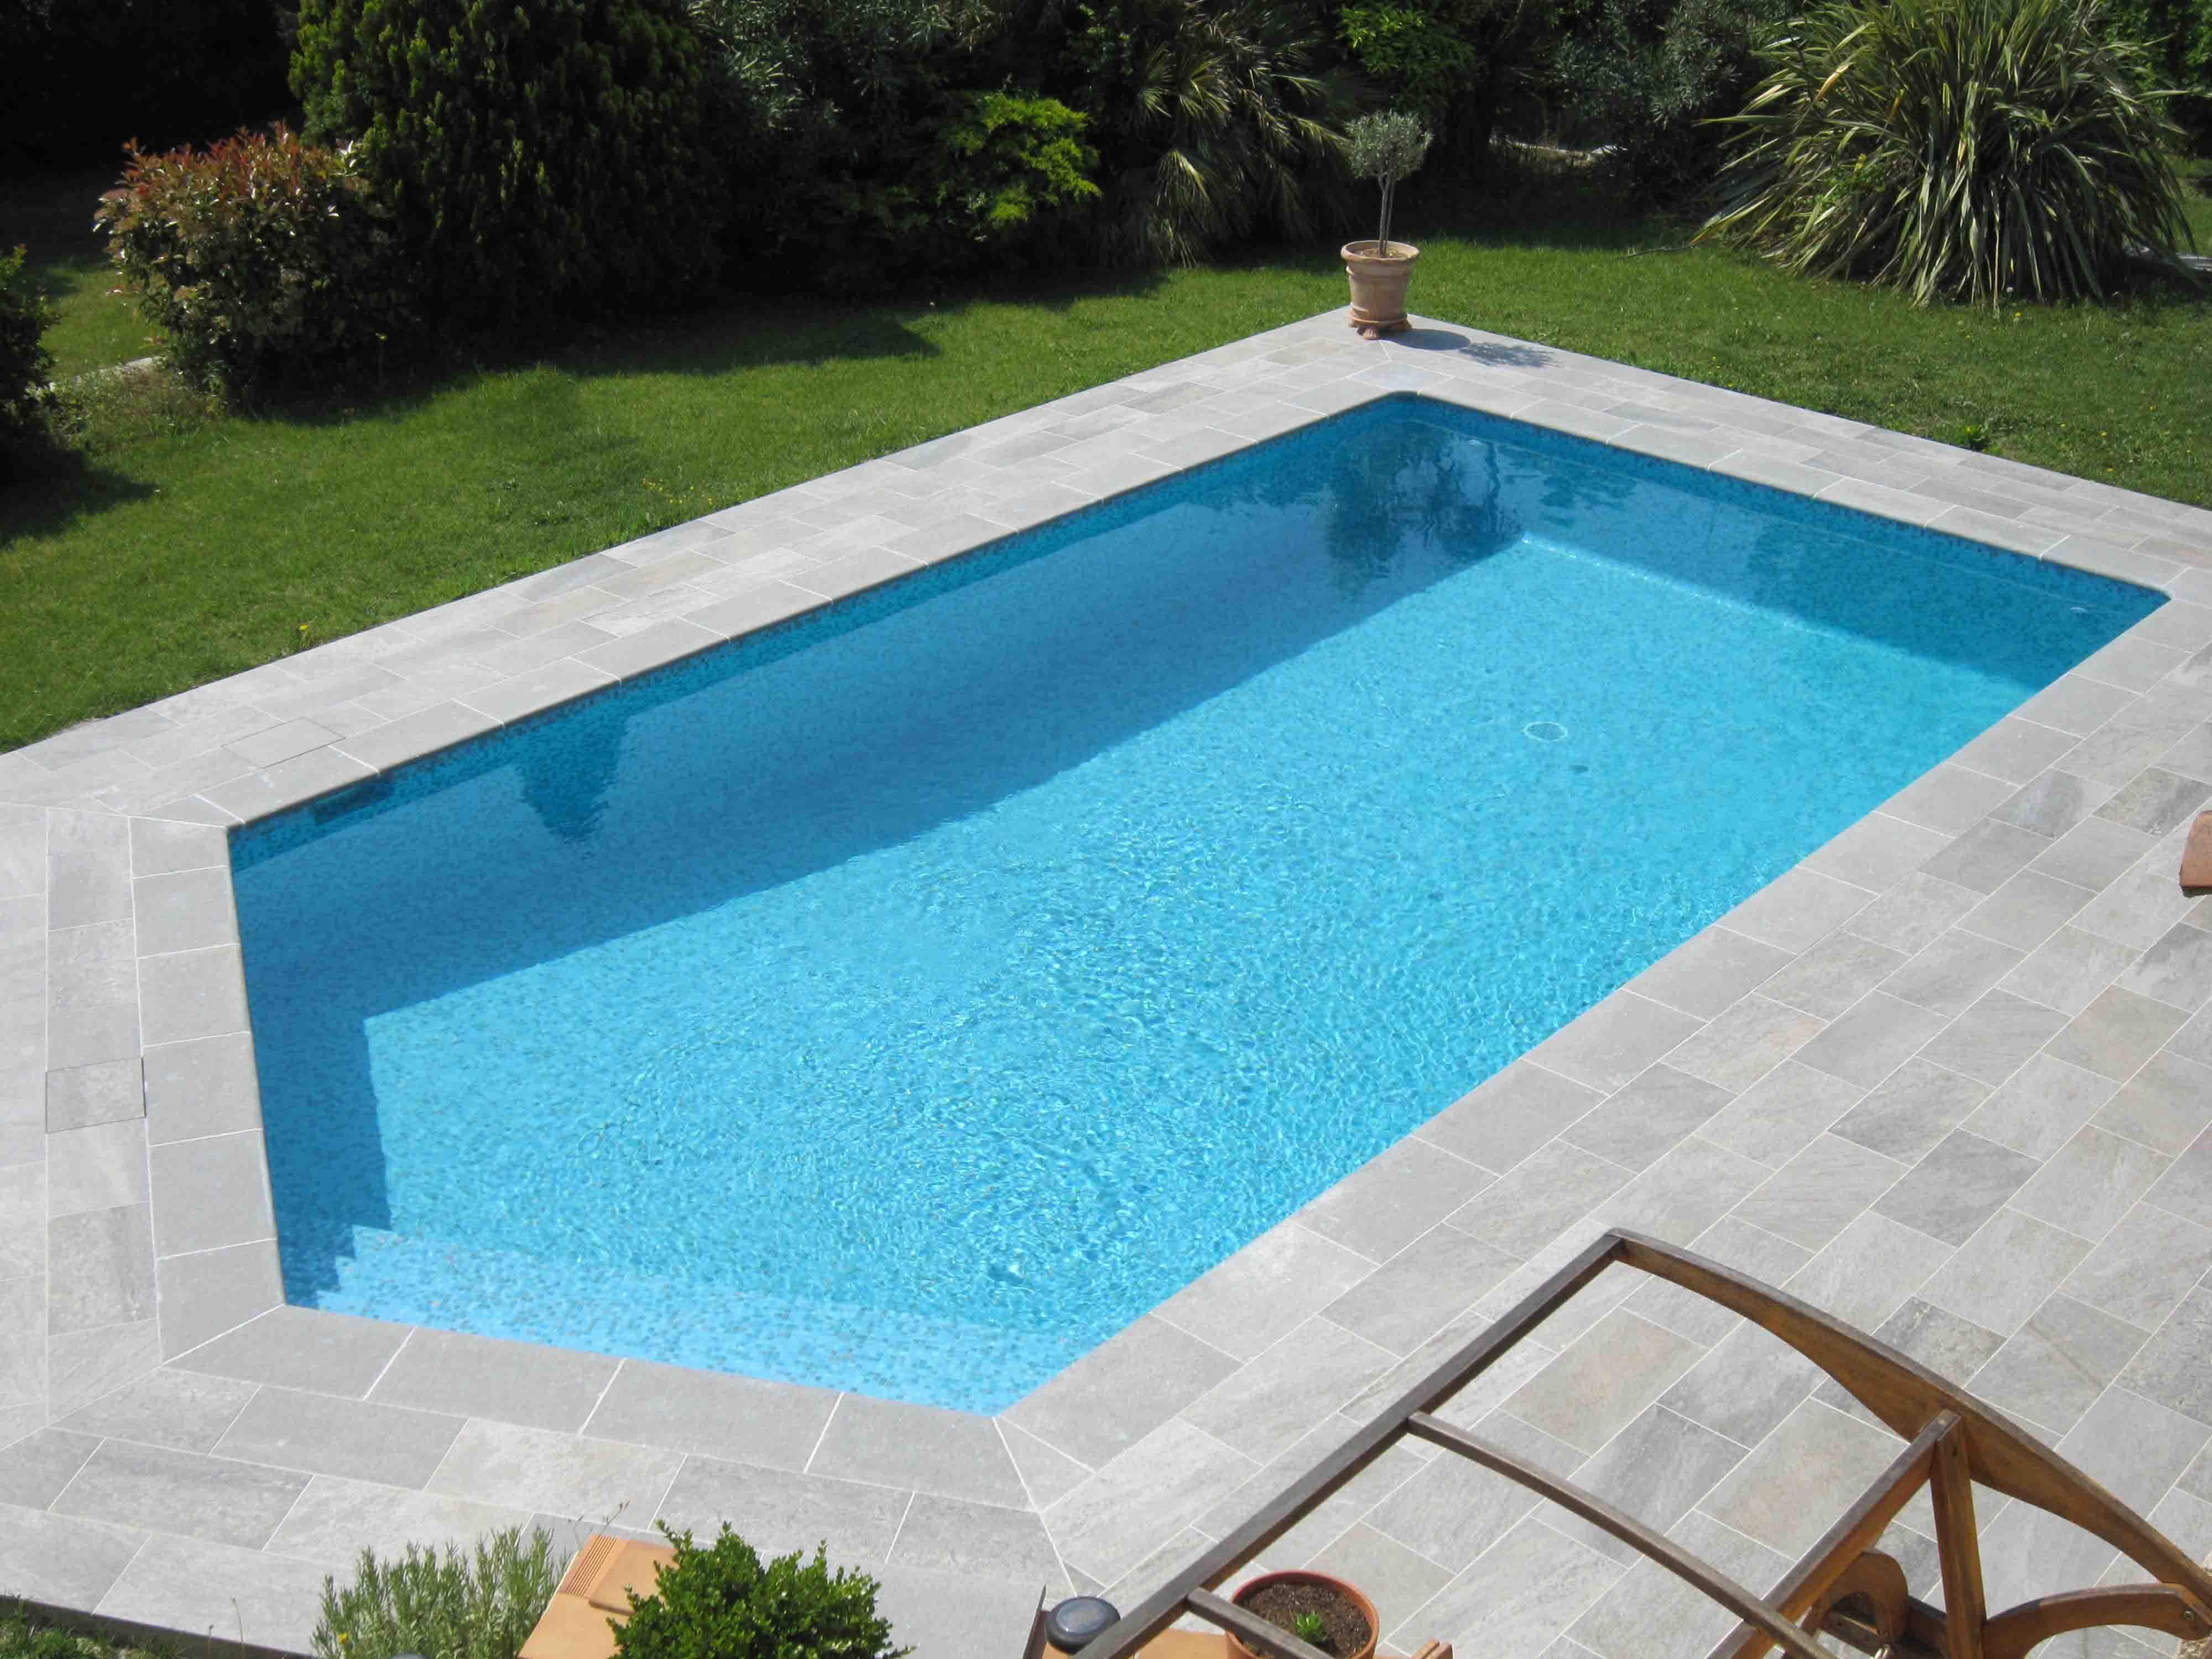 Carrelage mosaique bleu piscine maison et - Materiel pour carrelage ...